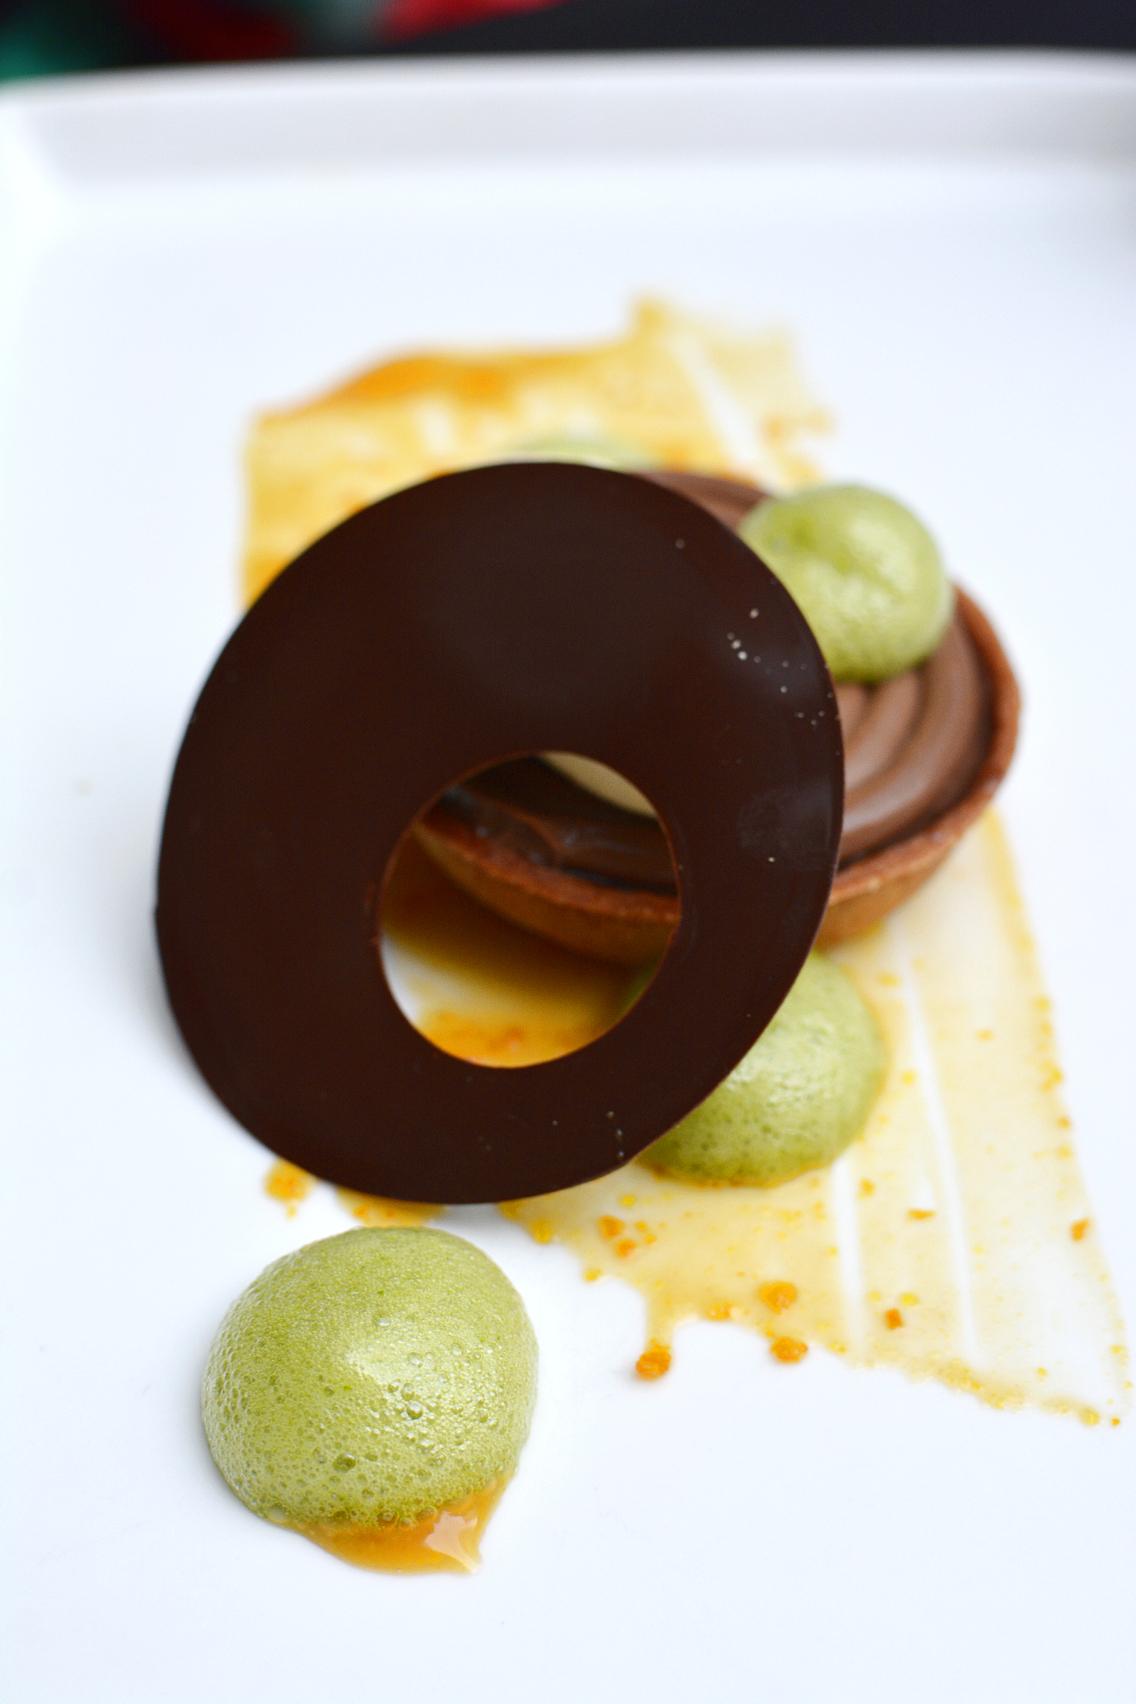 Sofitel Chicago Chestnut Provisions Chocolate Tart